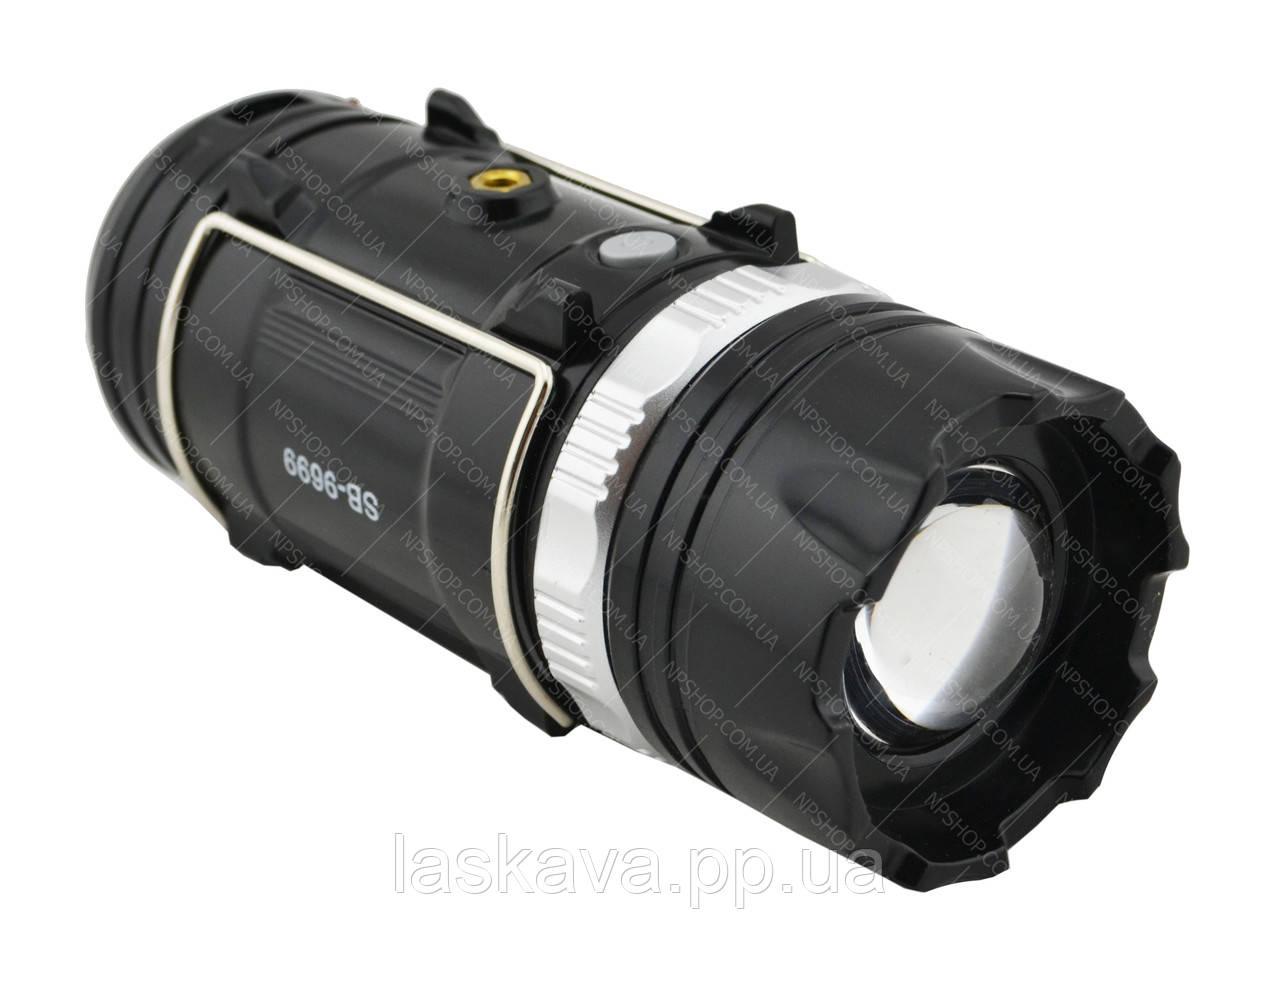 Акумуляторна кемпінговий LED лампа Sheng Ba SB 9699 c ліхтариком і сонячною панеллю Black (3625)